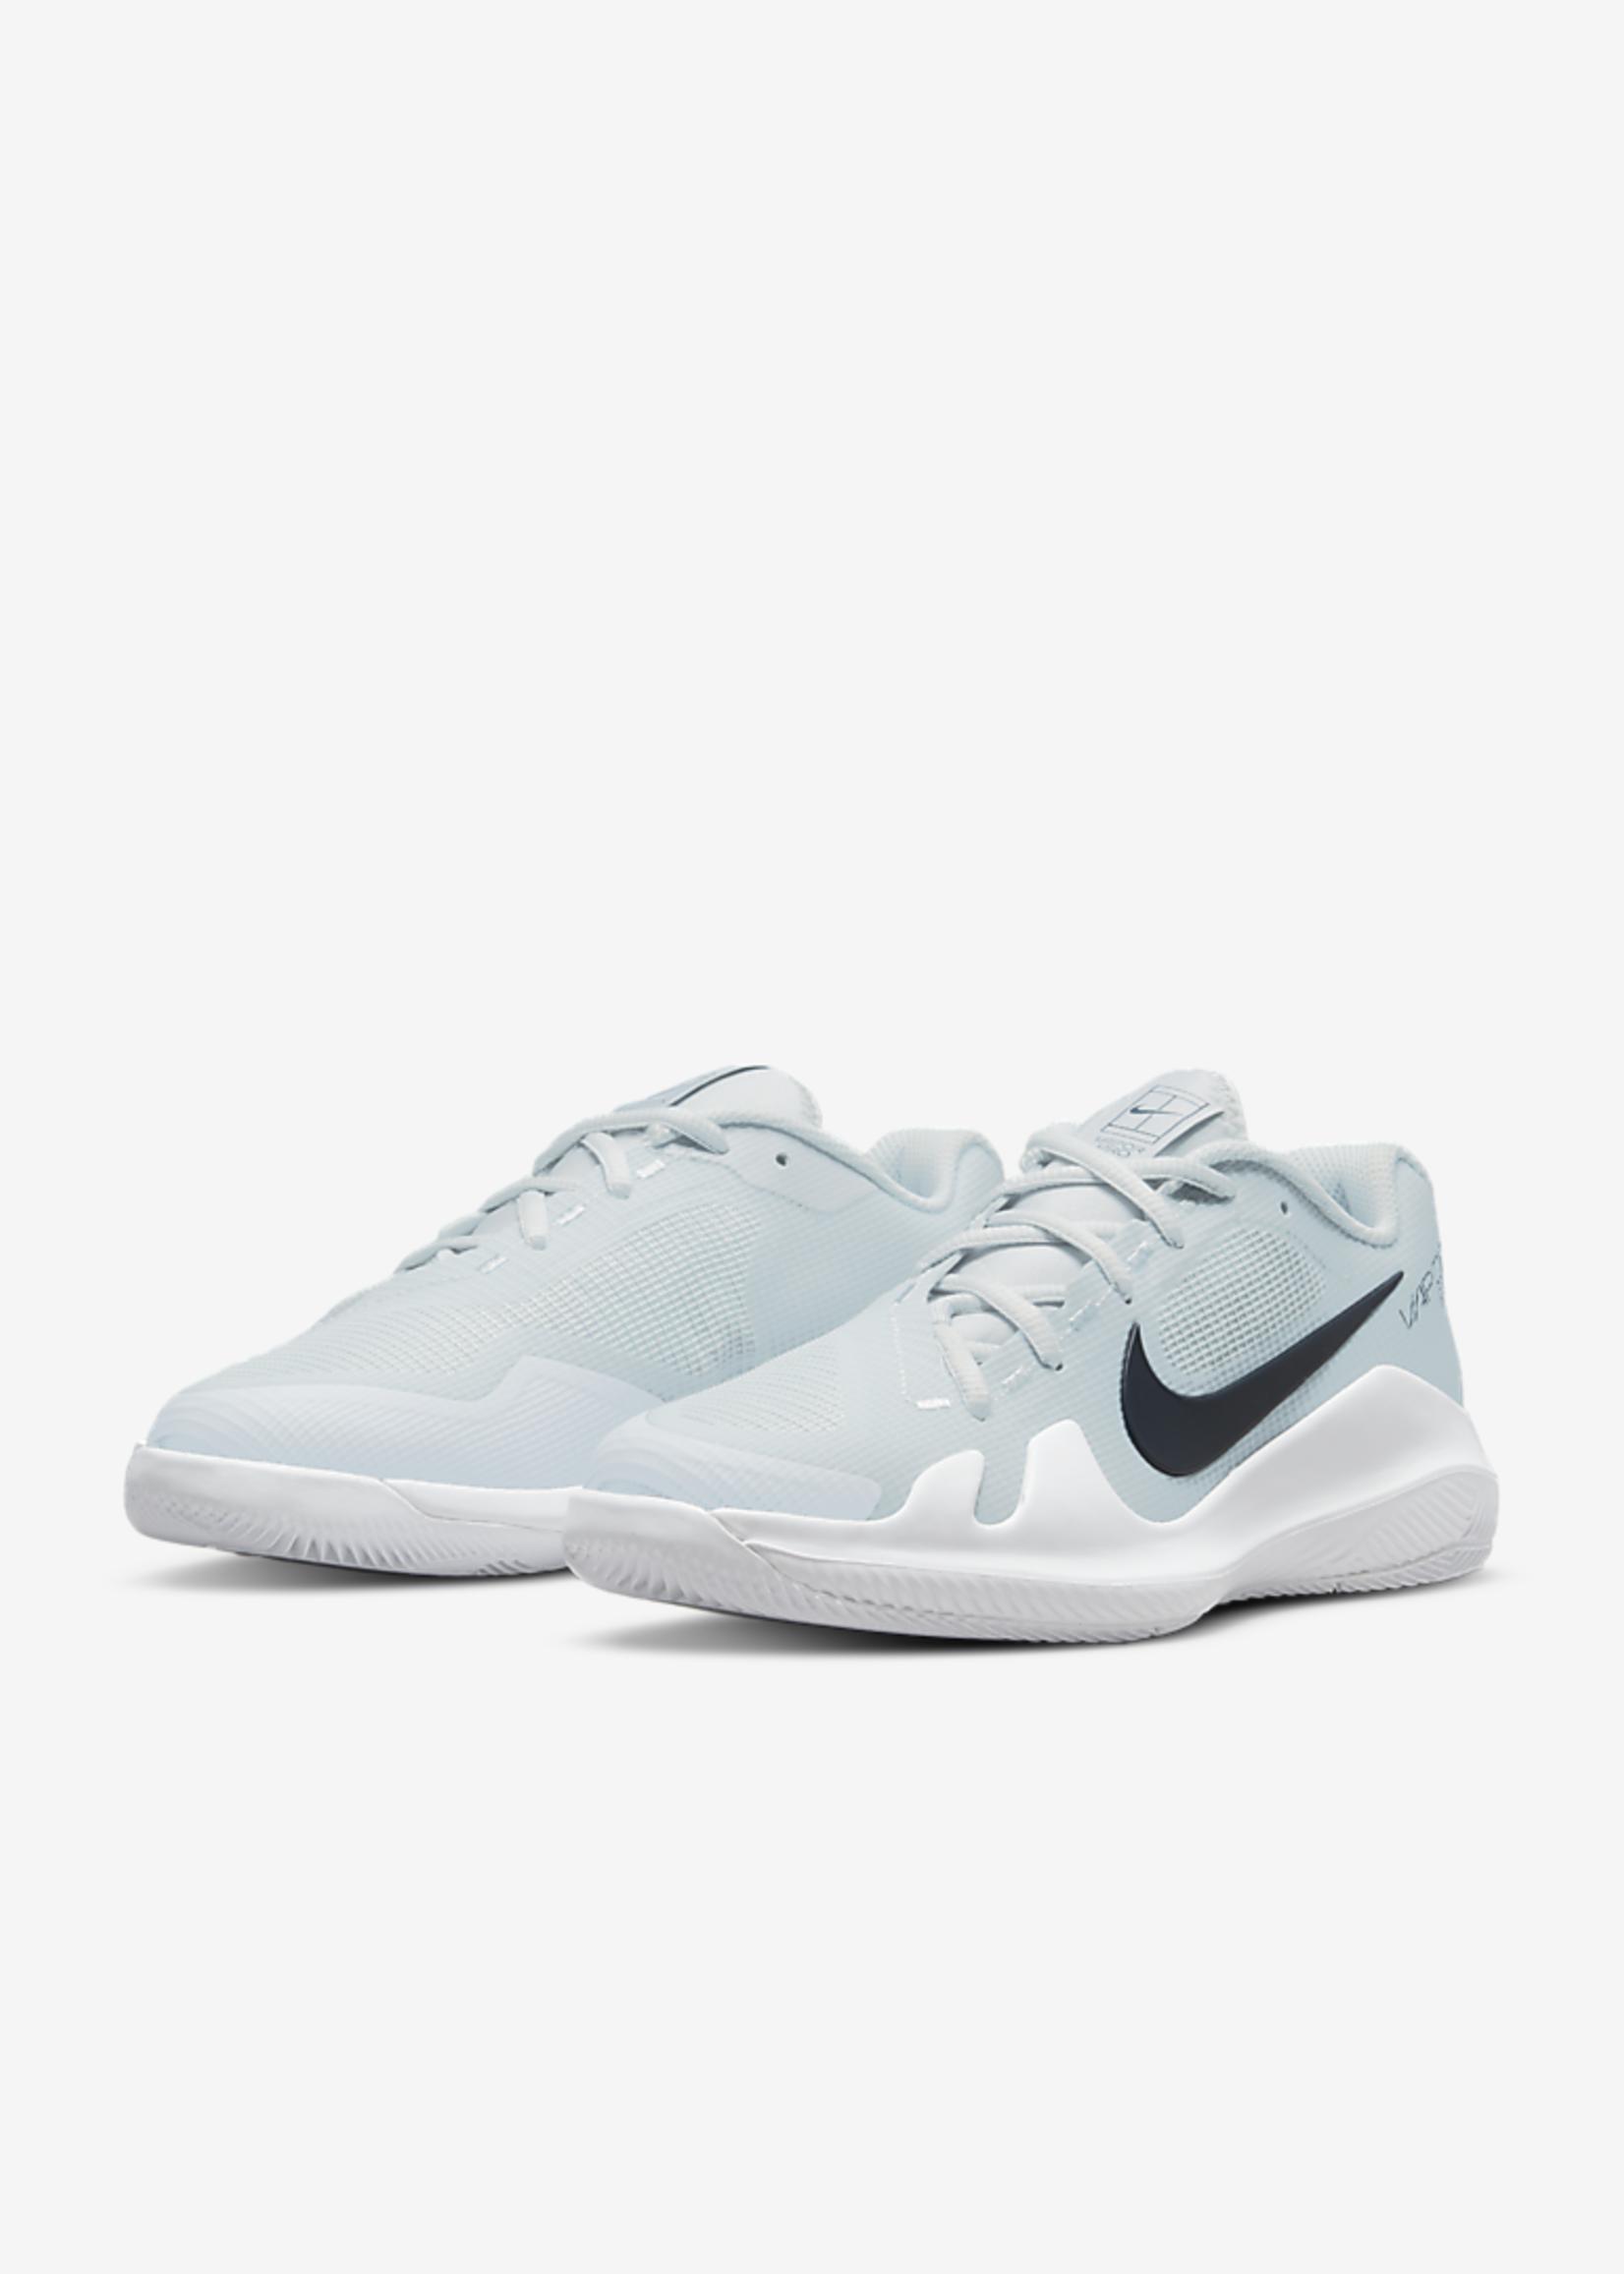 Nike KIDS' NIKECOURT JR. VAPOR PRO CV0863